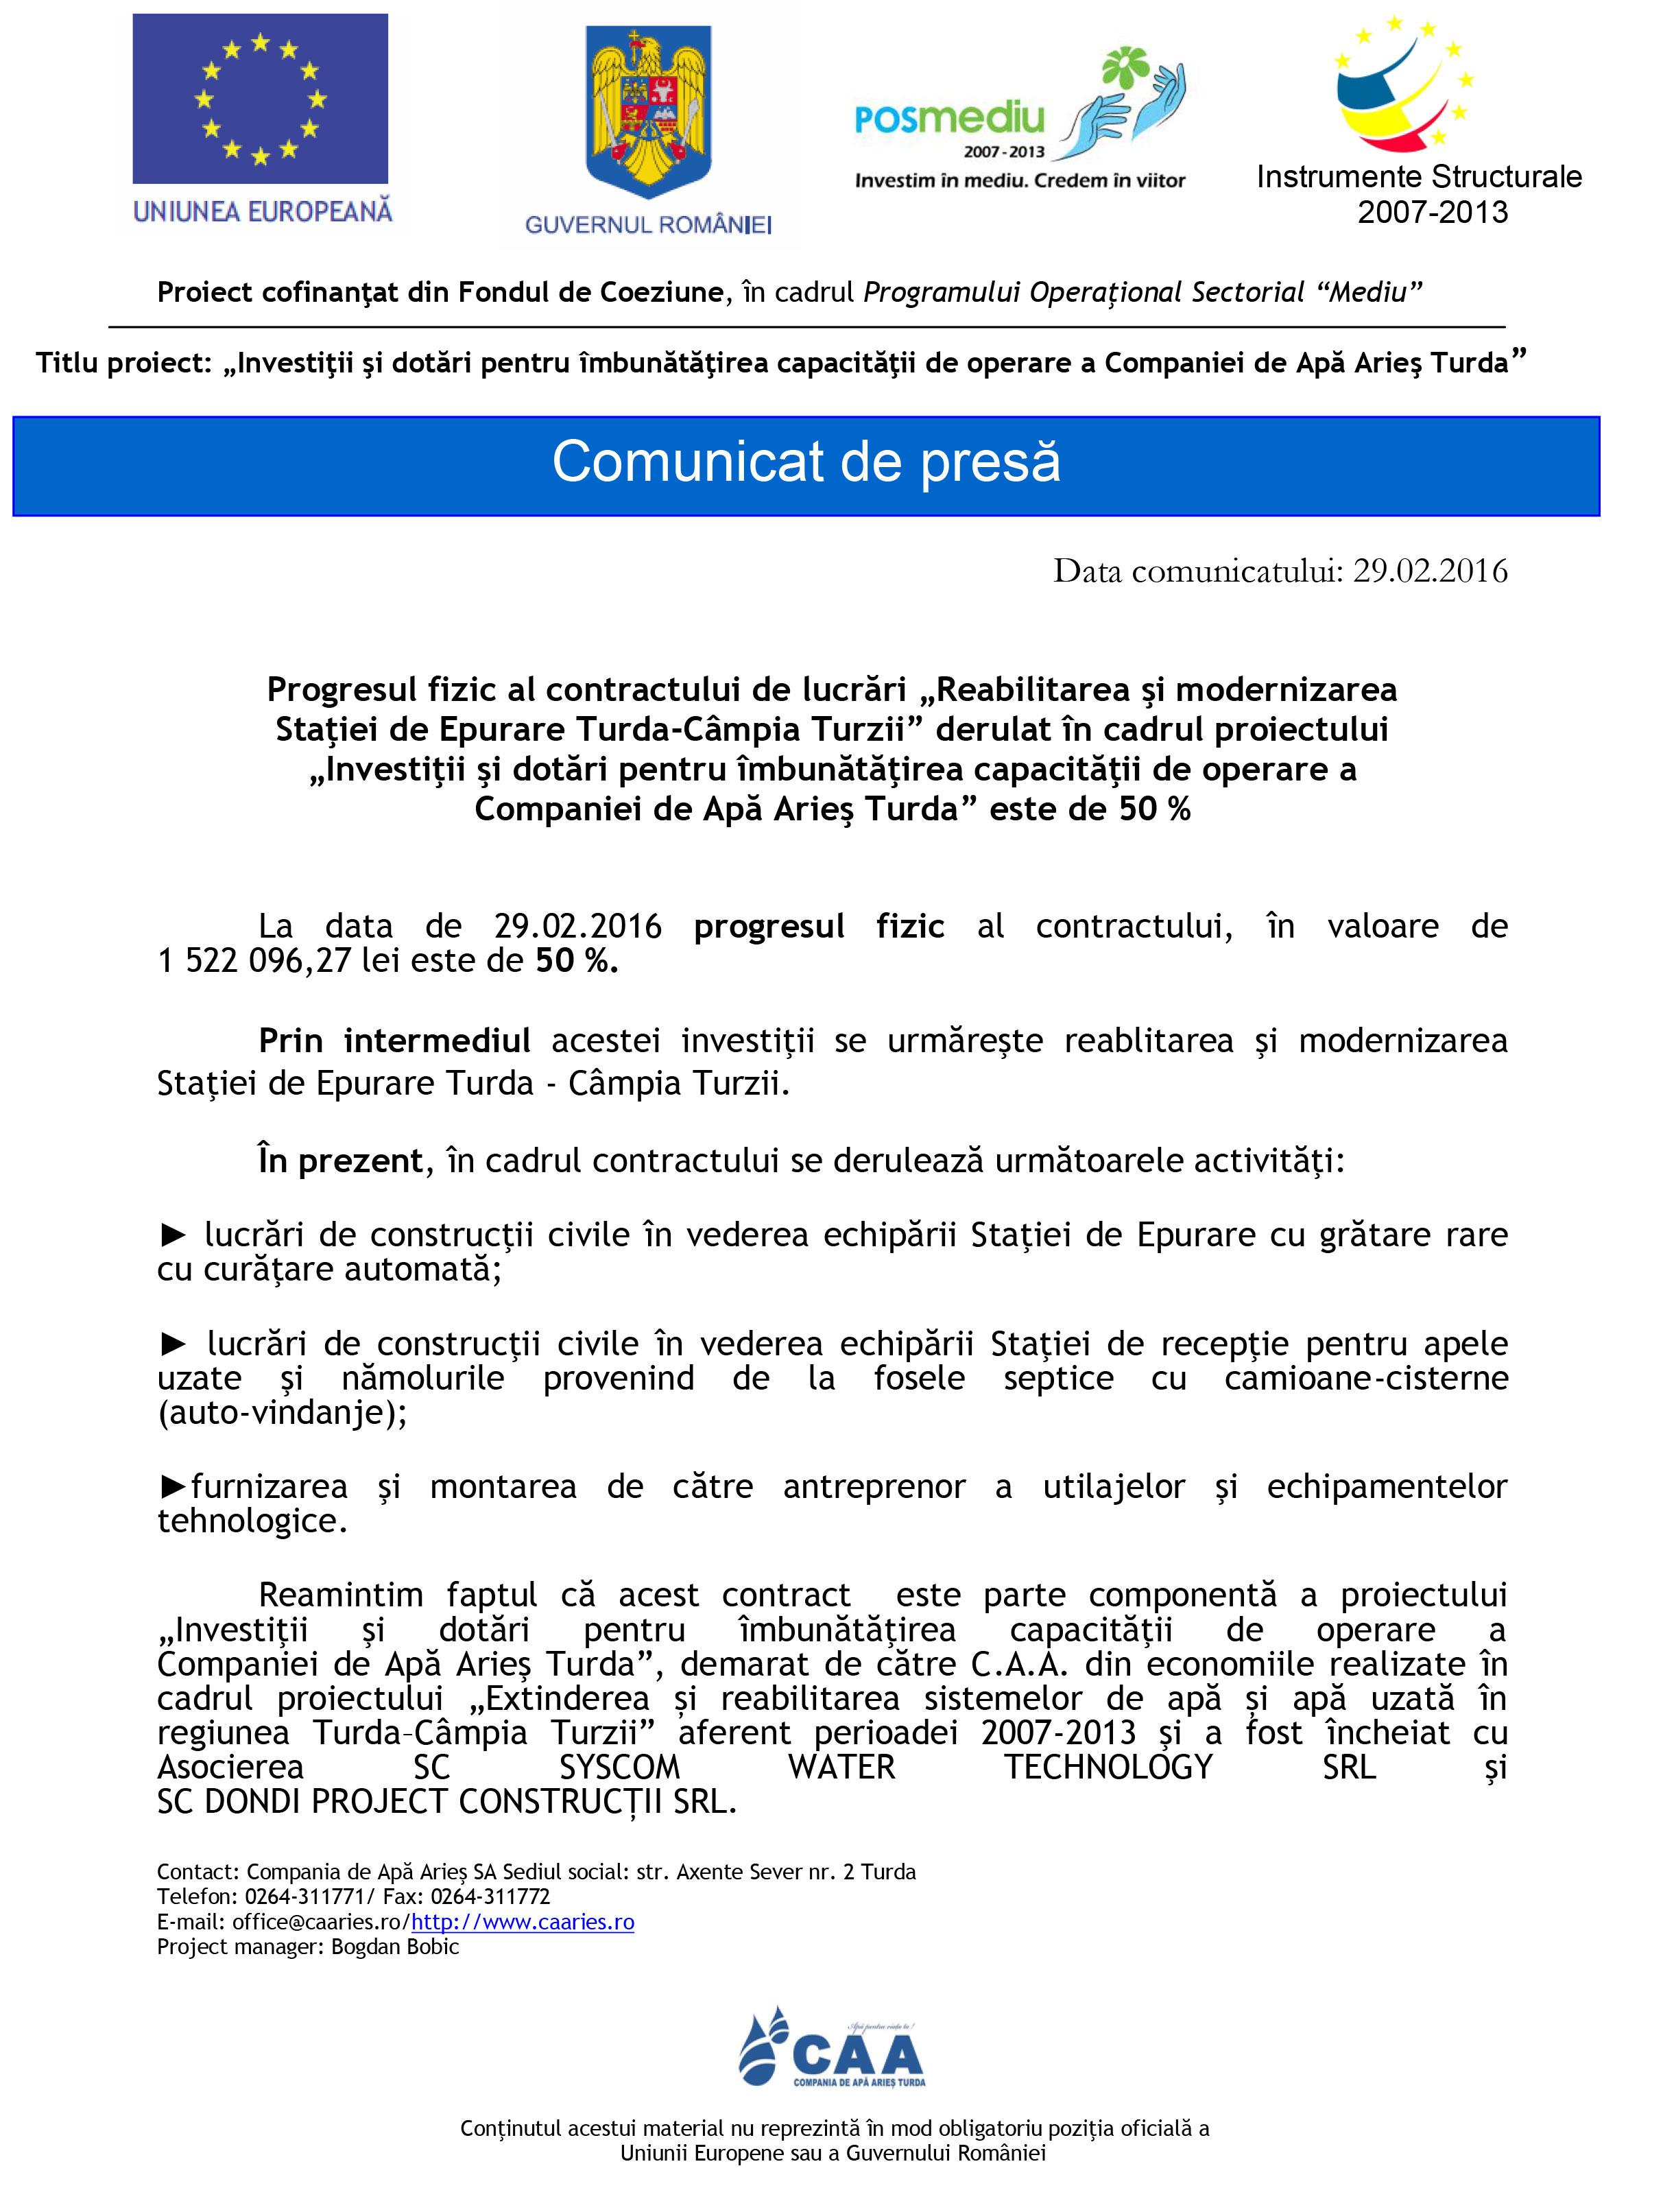 Comunicat-de-presă--Stația-de-Epurare---29-februarie-2016